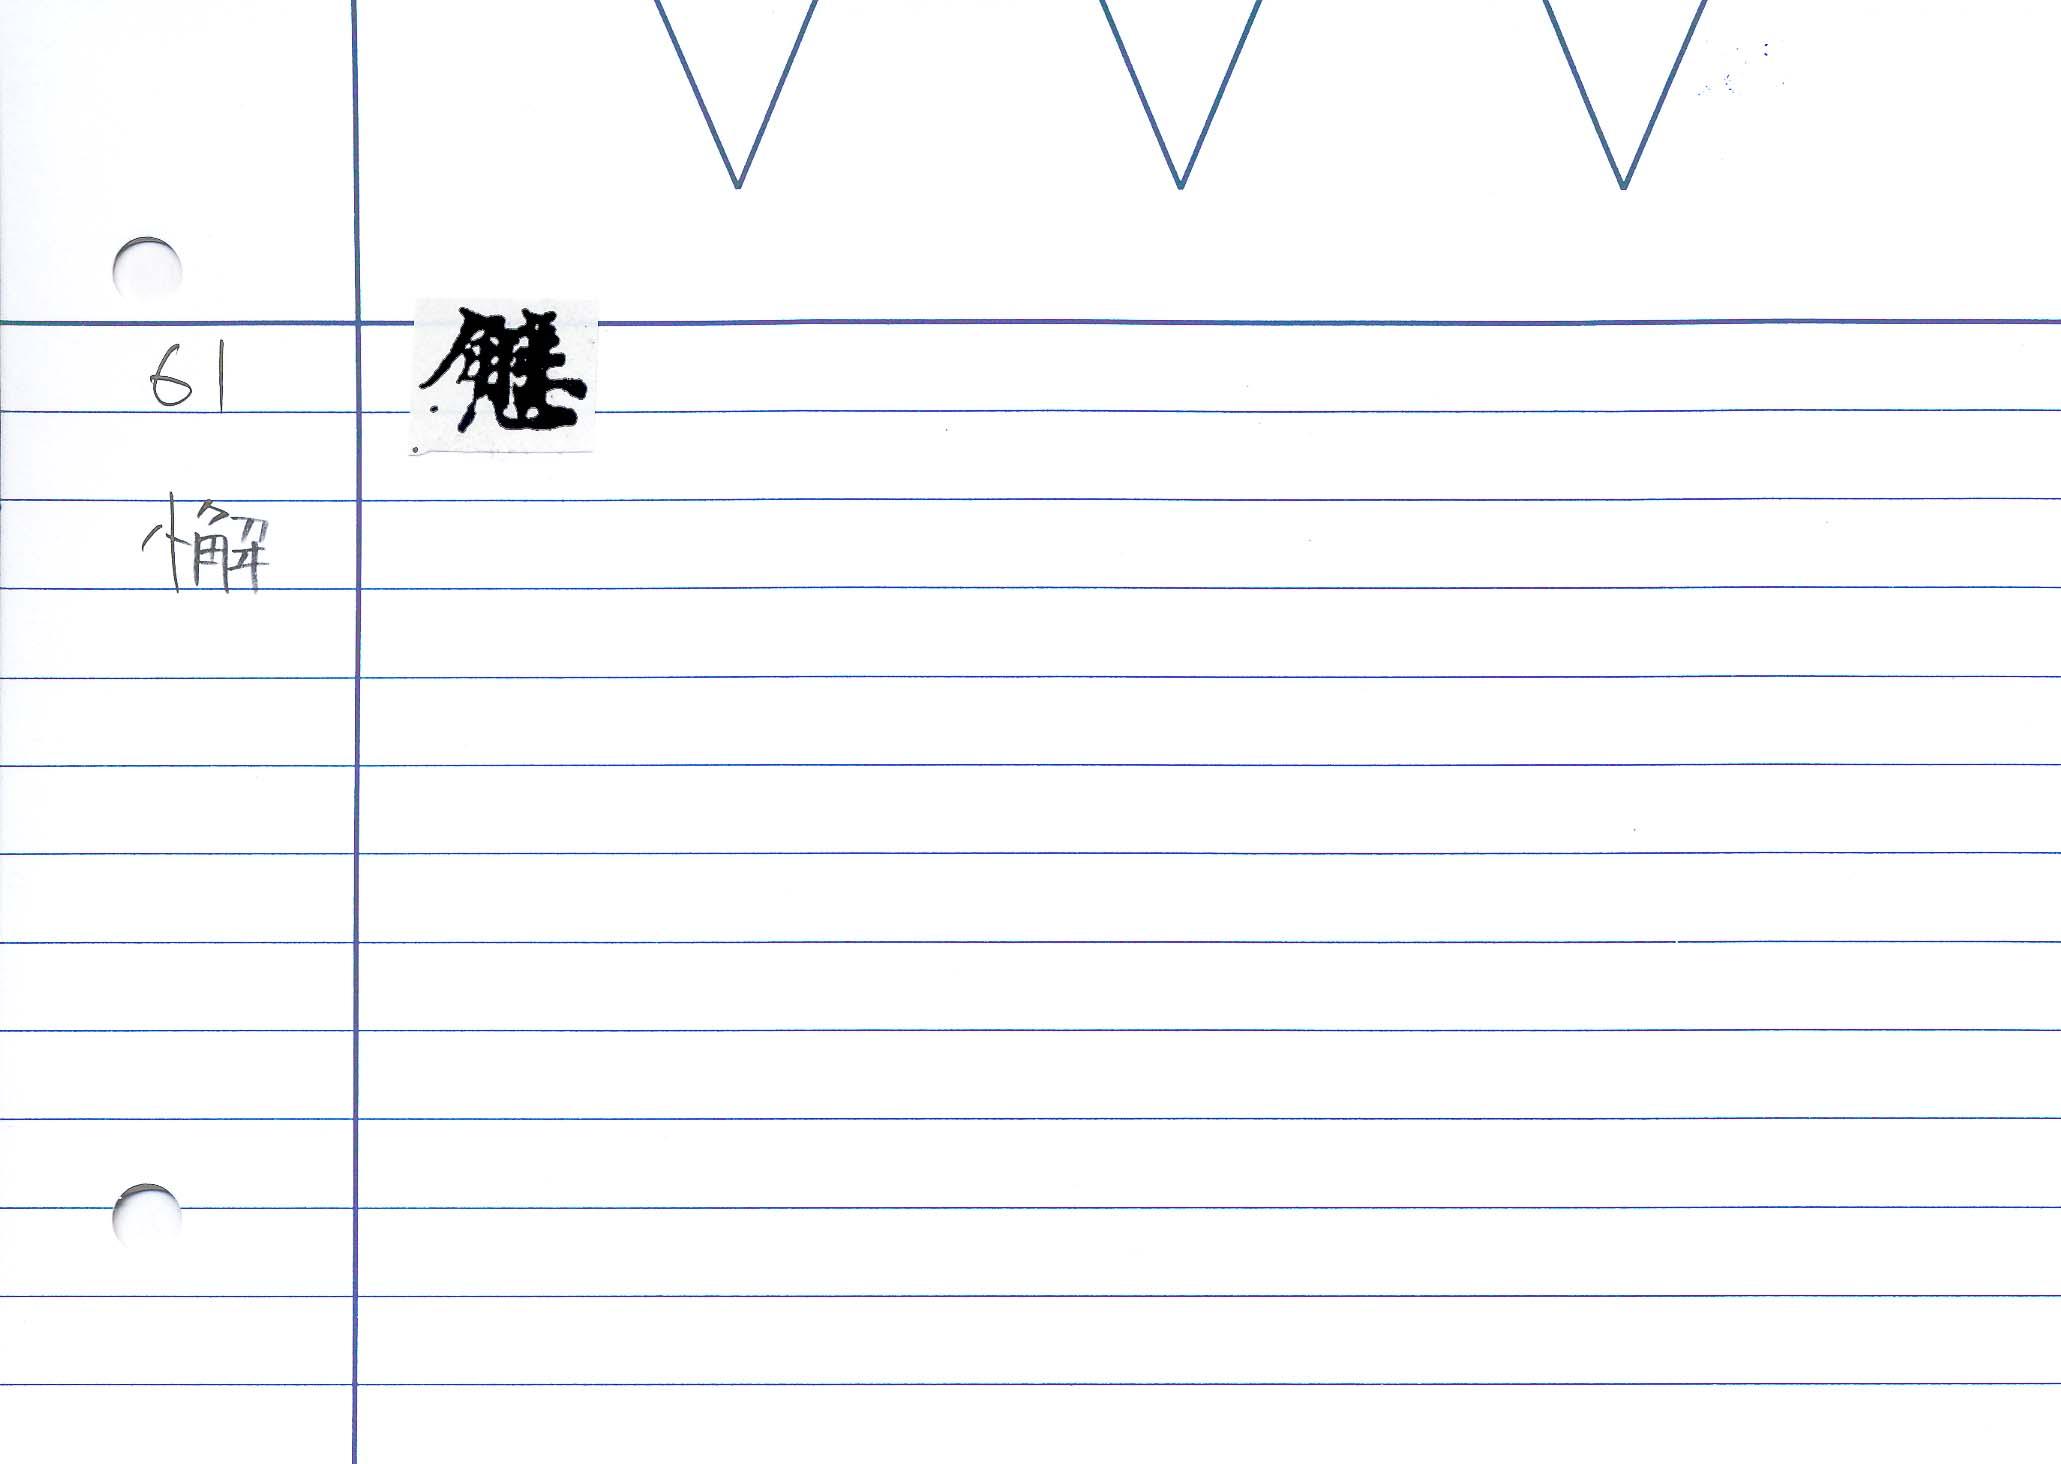 01_誠實論卷八(P.2179)/cards/0063.jpg